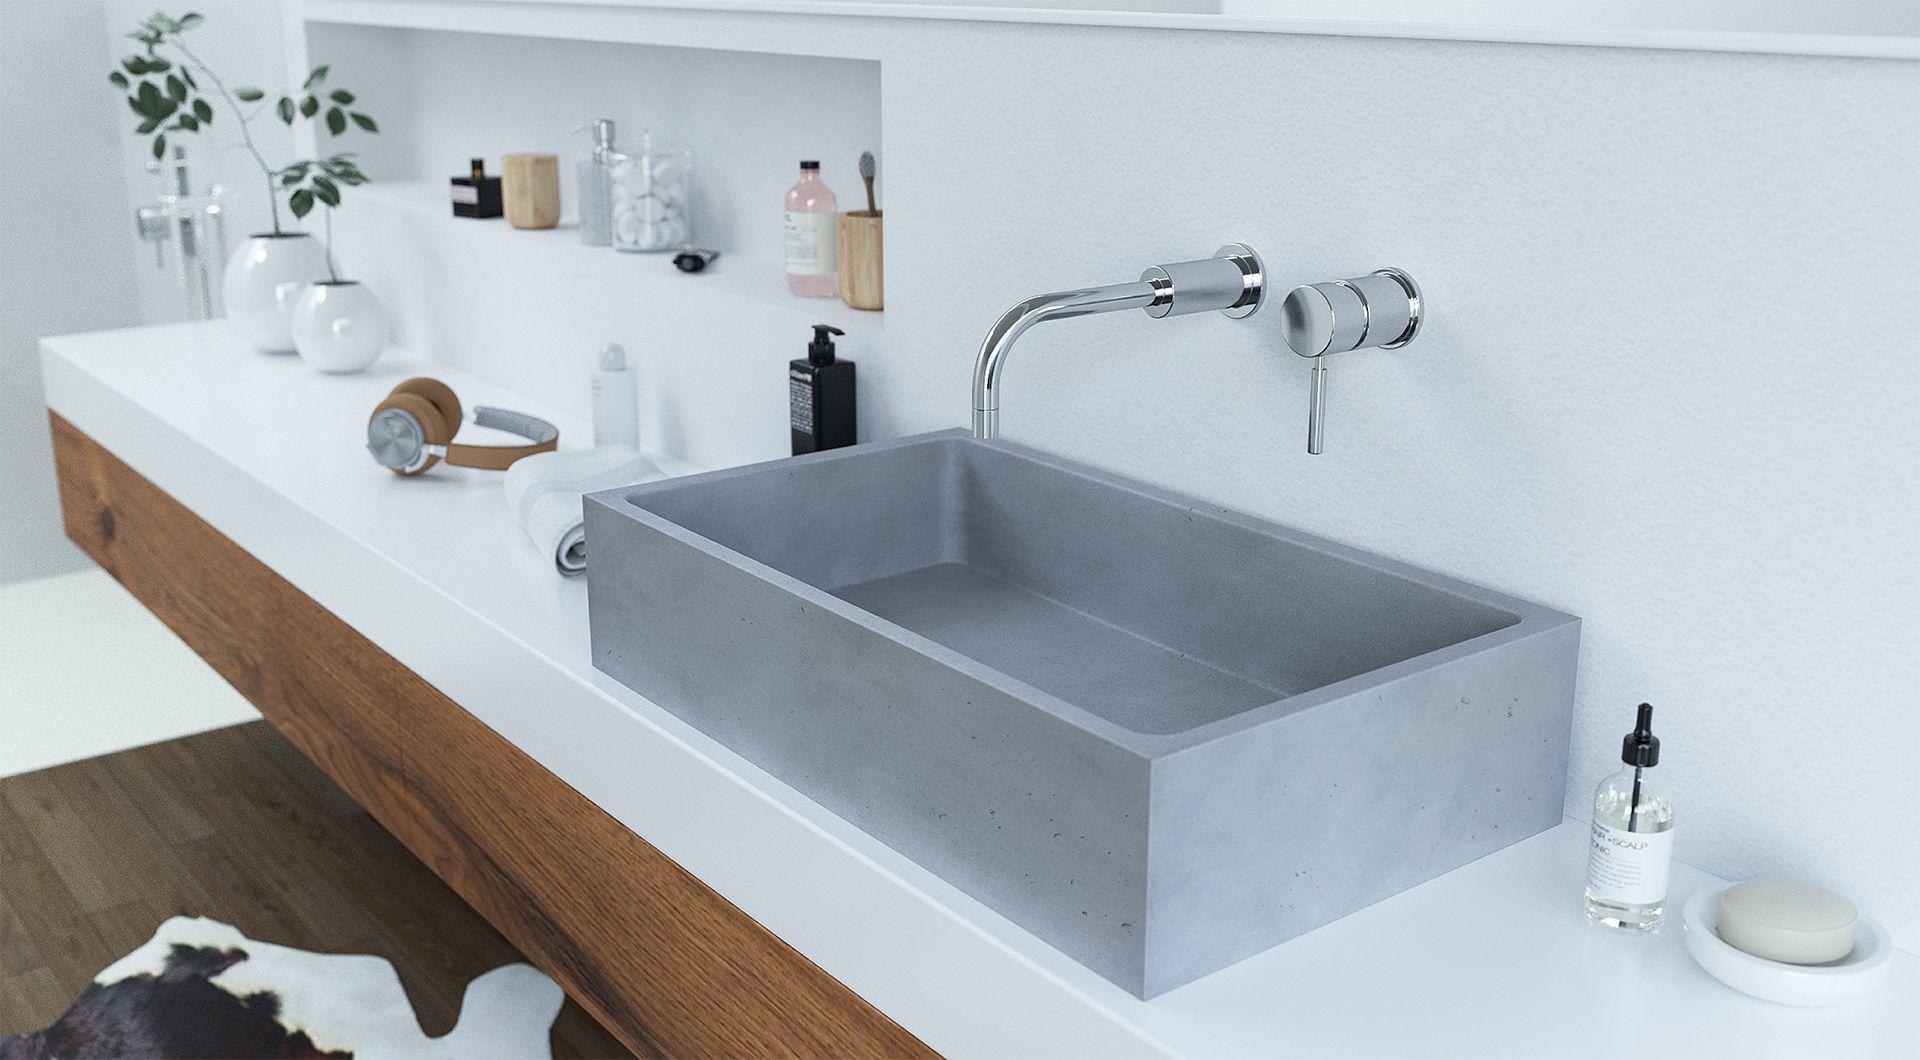 Minimalistická hranatá umyvadla pro vaši koupelnu 3